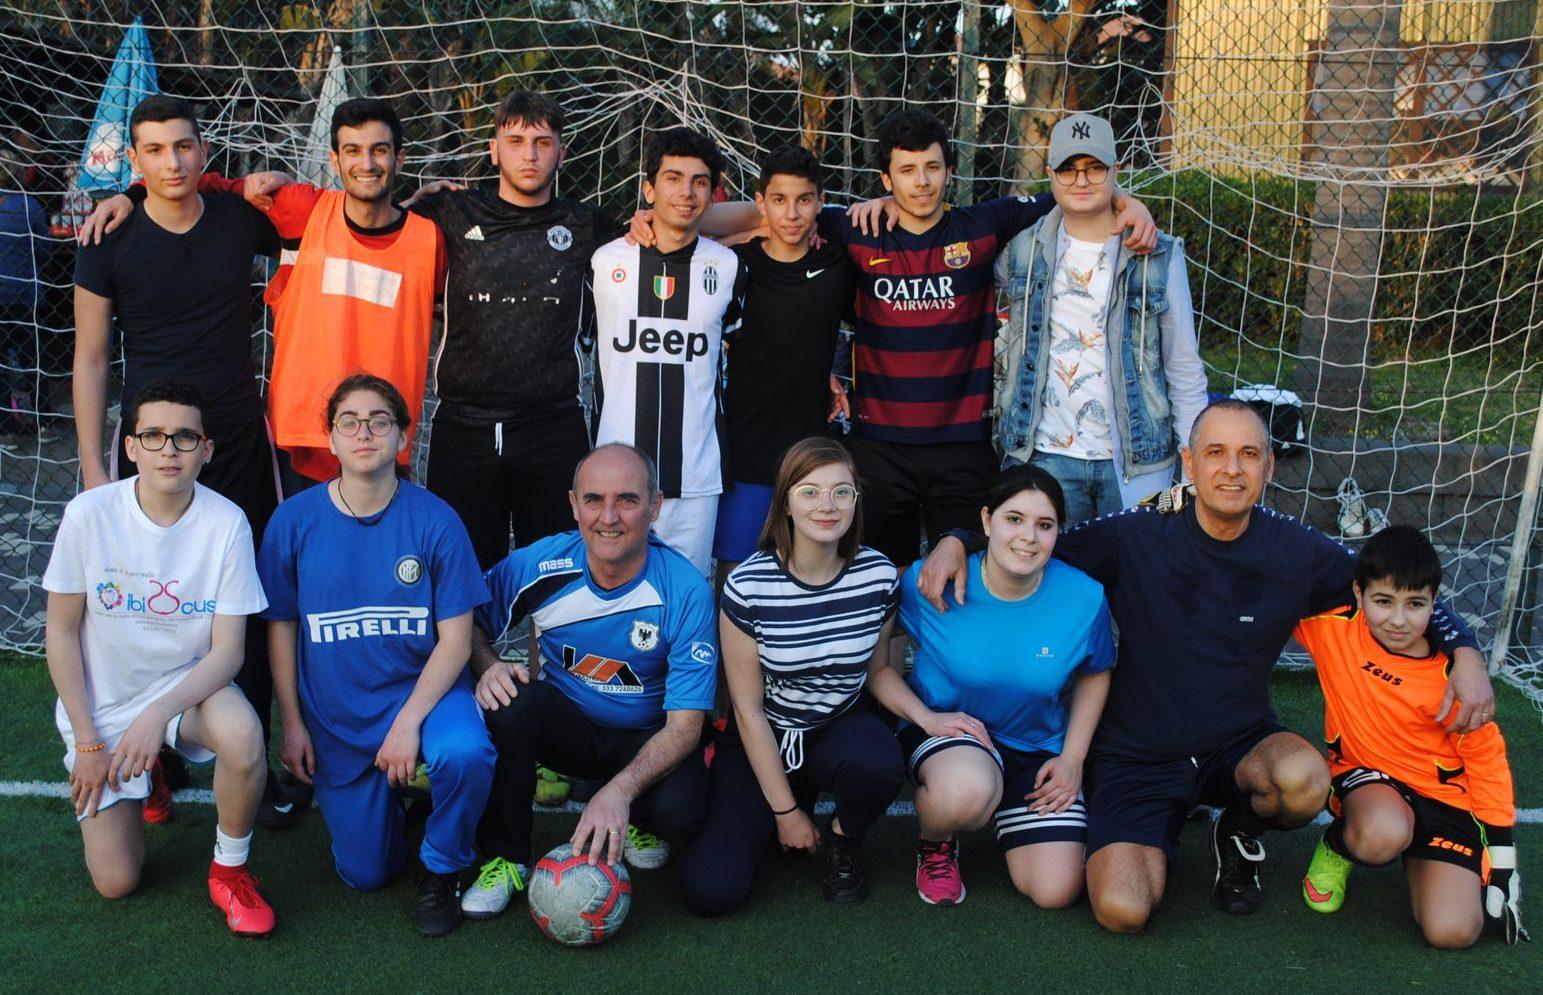 PRIMO ALLENAMENTO PER LA WINNERS CUP 2019